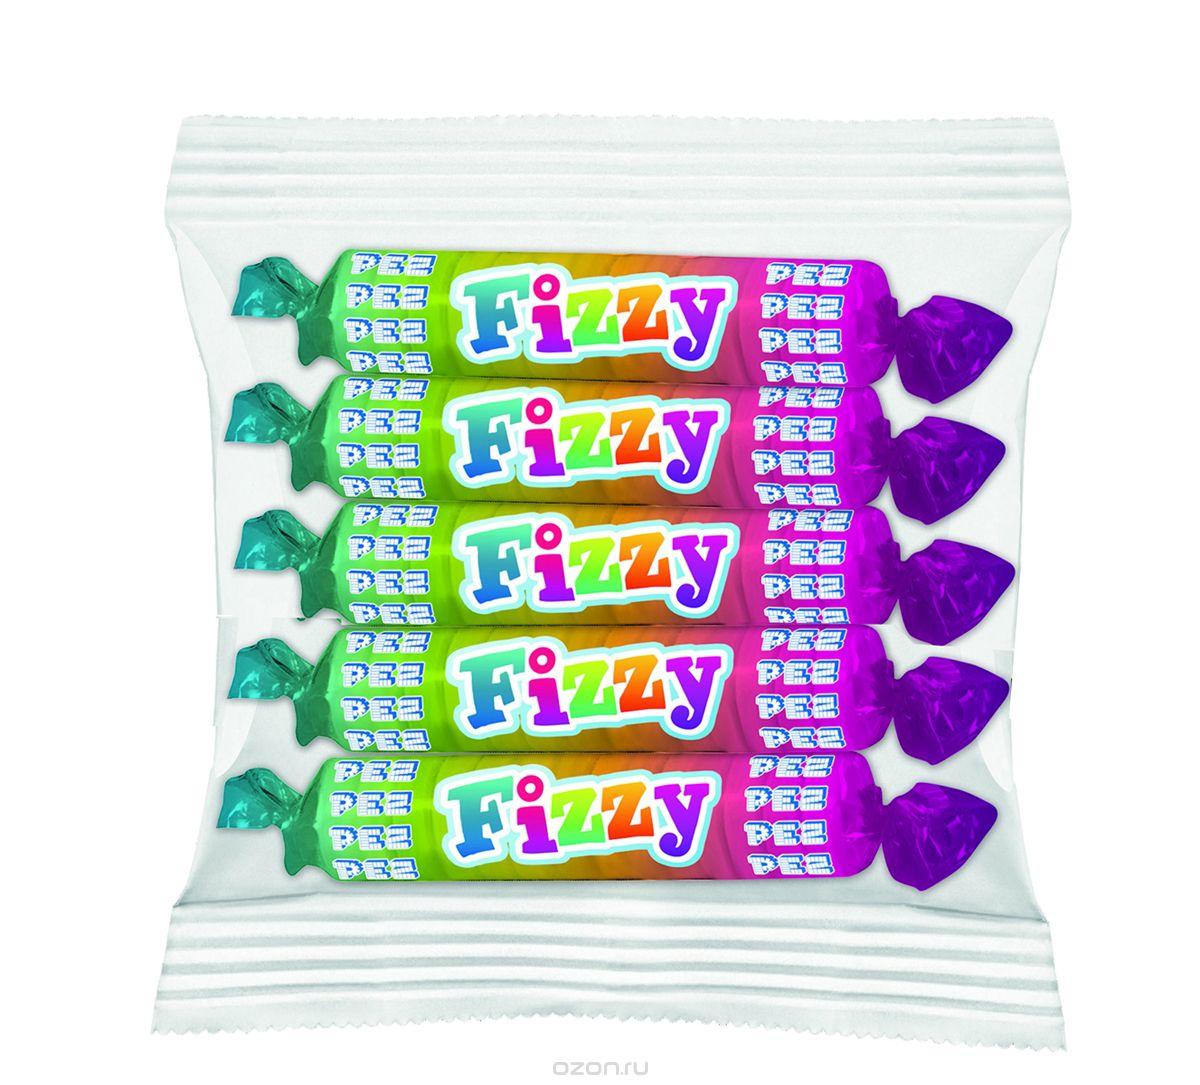 PEZ Fizzy конфеты фруктовые, 30 г0120710PEZ Fizzy - маленькие конфетки в виде бус с ярким фруктовым вкусом. Они подарят вам и вашим детям заряд хорошего настроения на весь день.